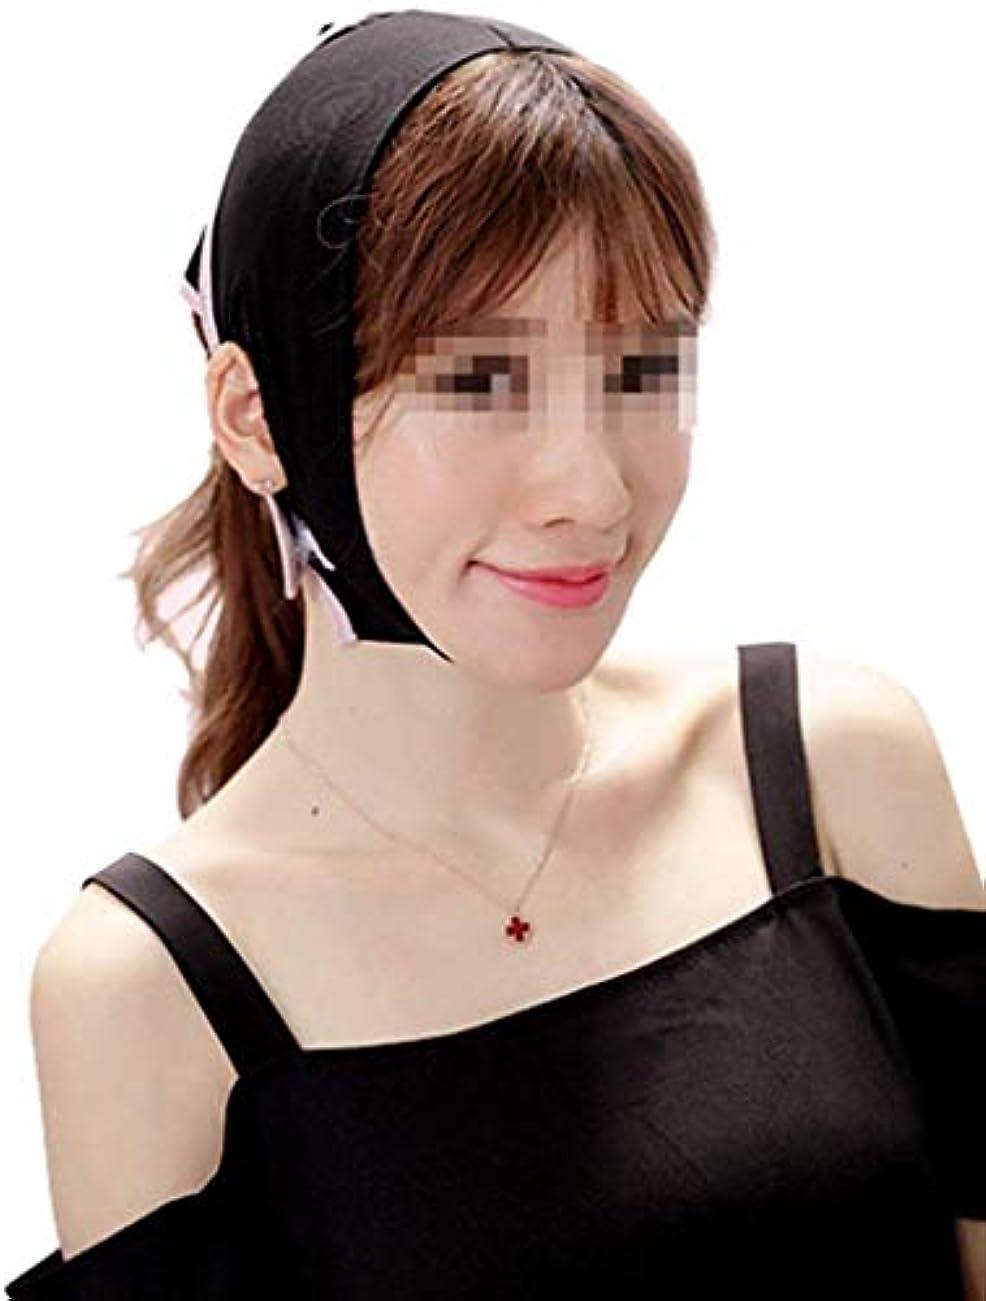 スキャンダラス注釈宣伝美容と実用的なフェイスリフトマスク、スモールVフェイス睡眠包帯マスク、薄いダブルチンリフトファーミングスキン